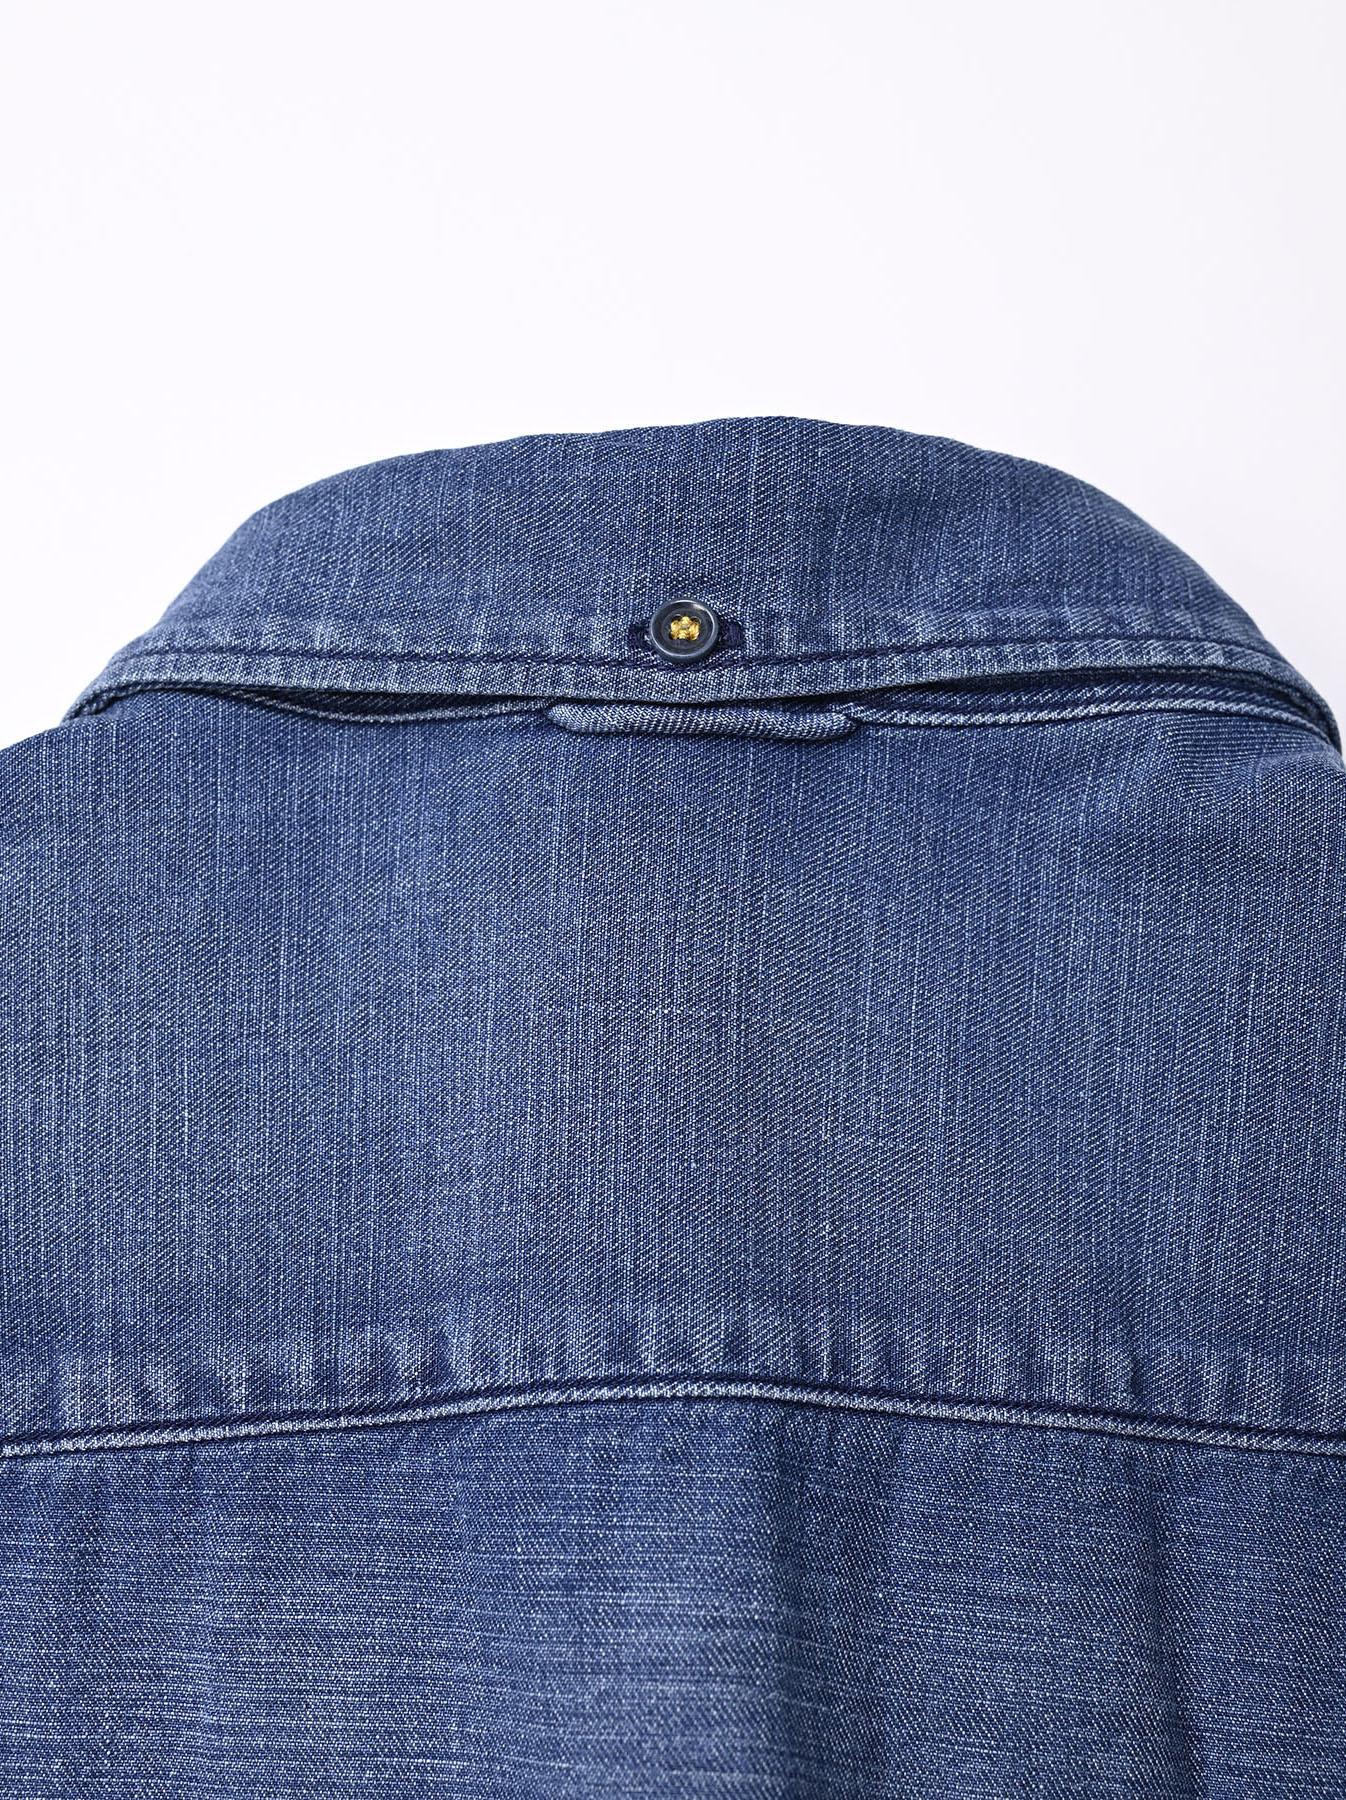 Goma Denim Ocean Button Down Shirt-8